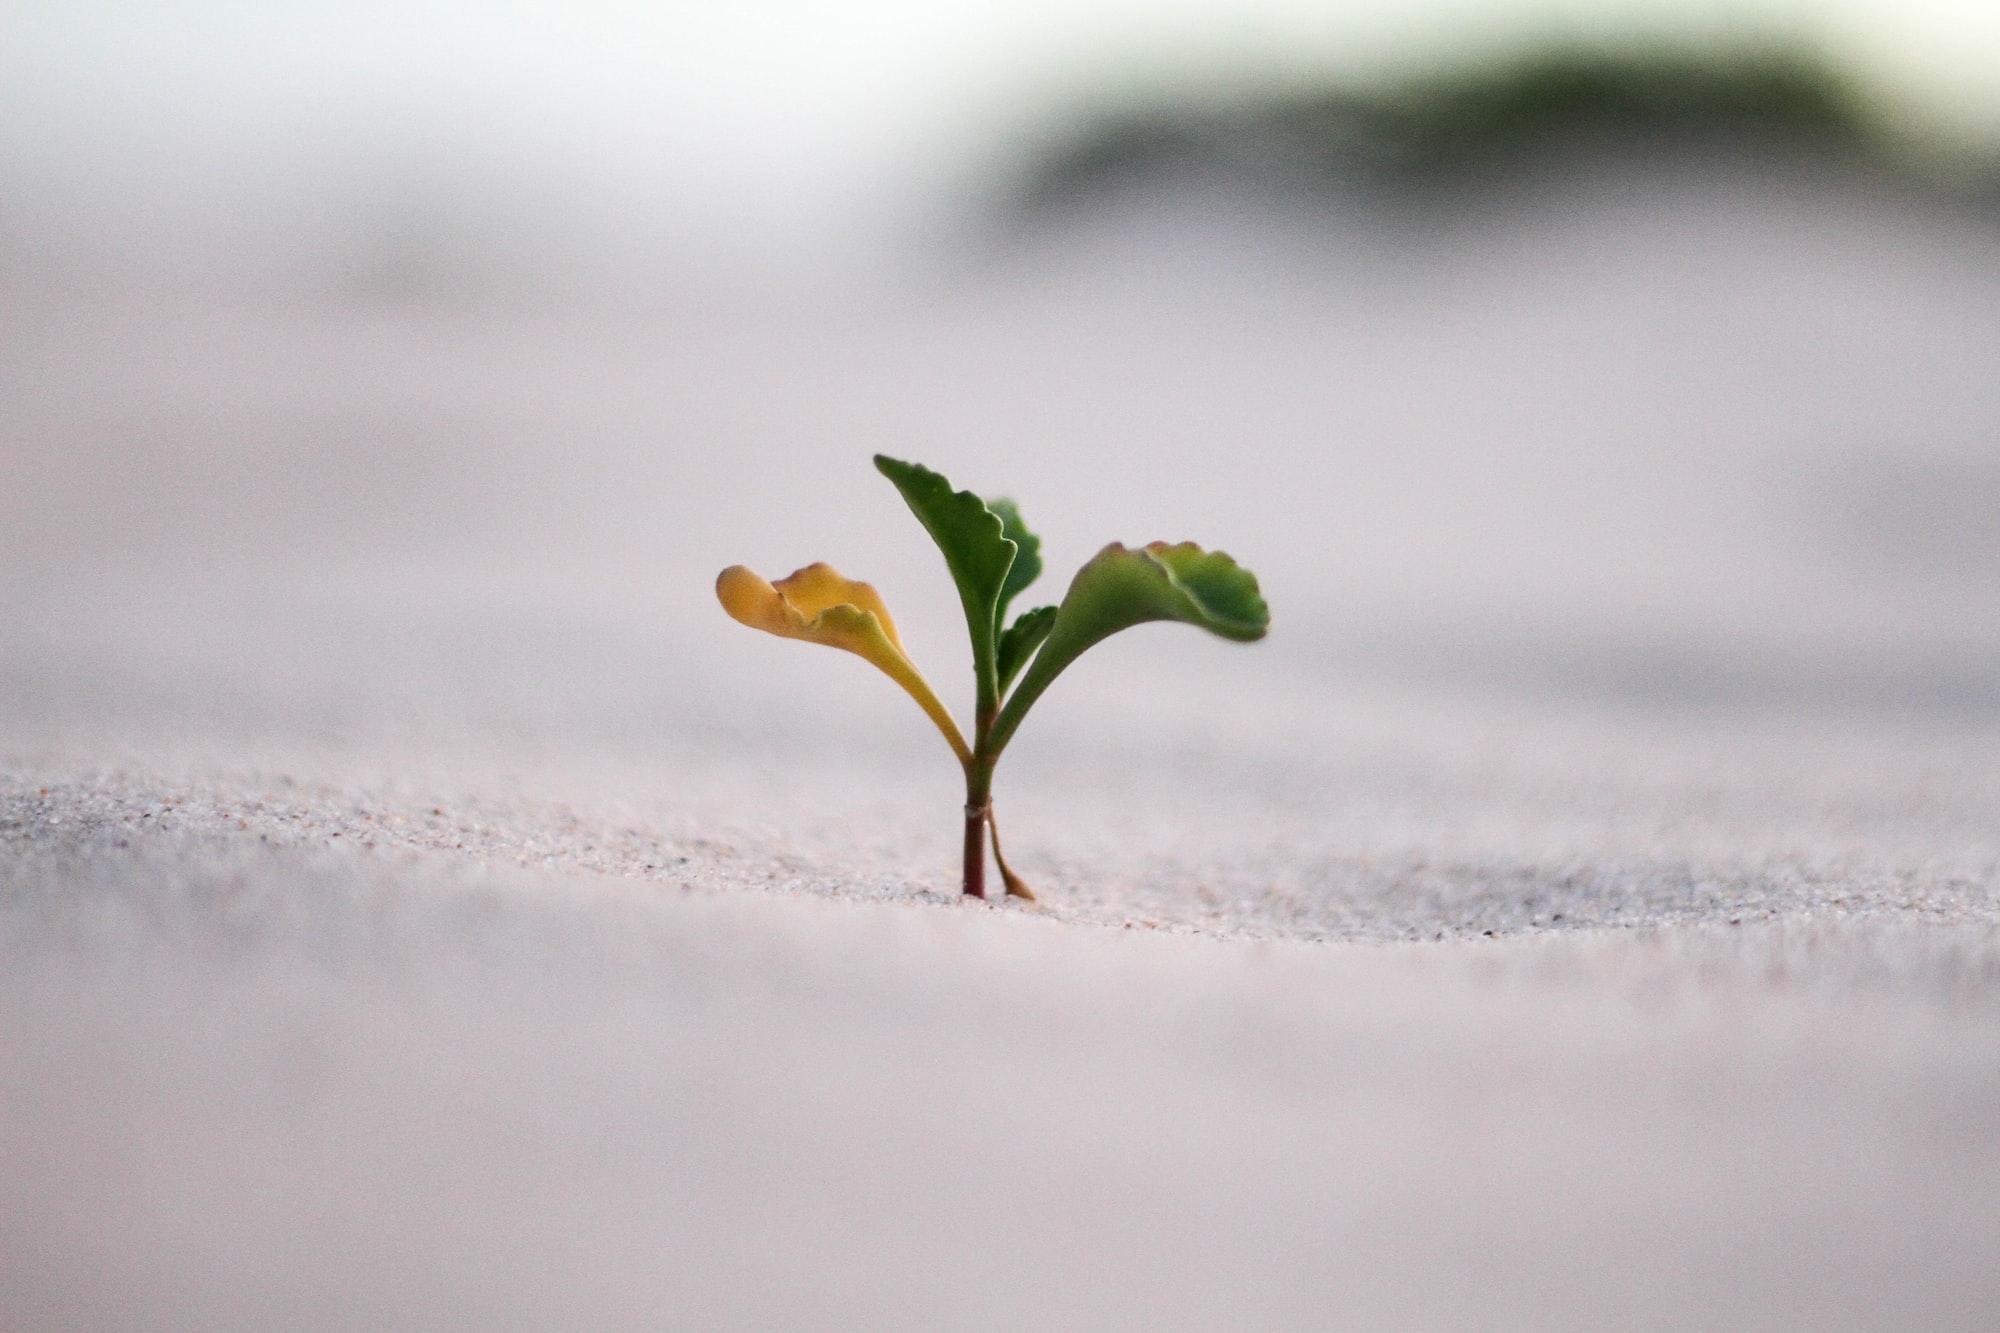 협력과 성장 : 조직은 인재를 모셔오기 전에 어떤 준비를 해야 하는가